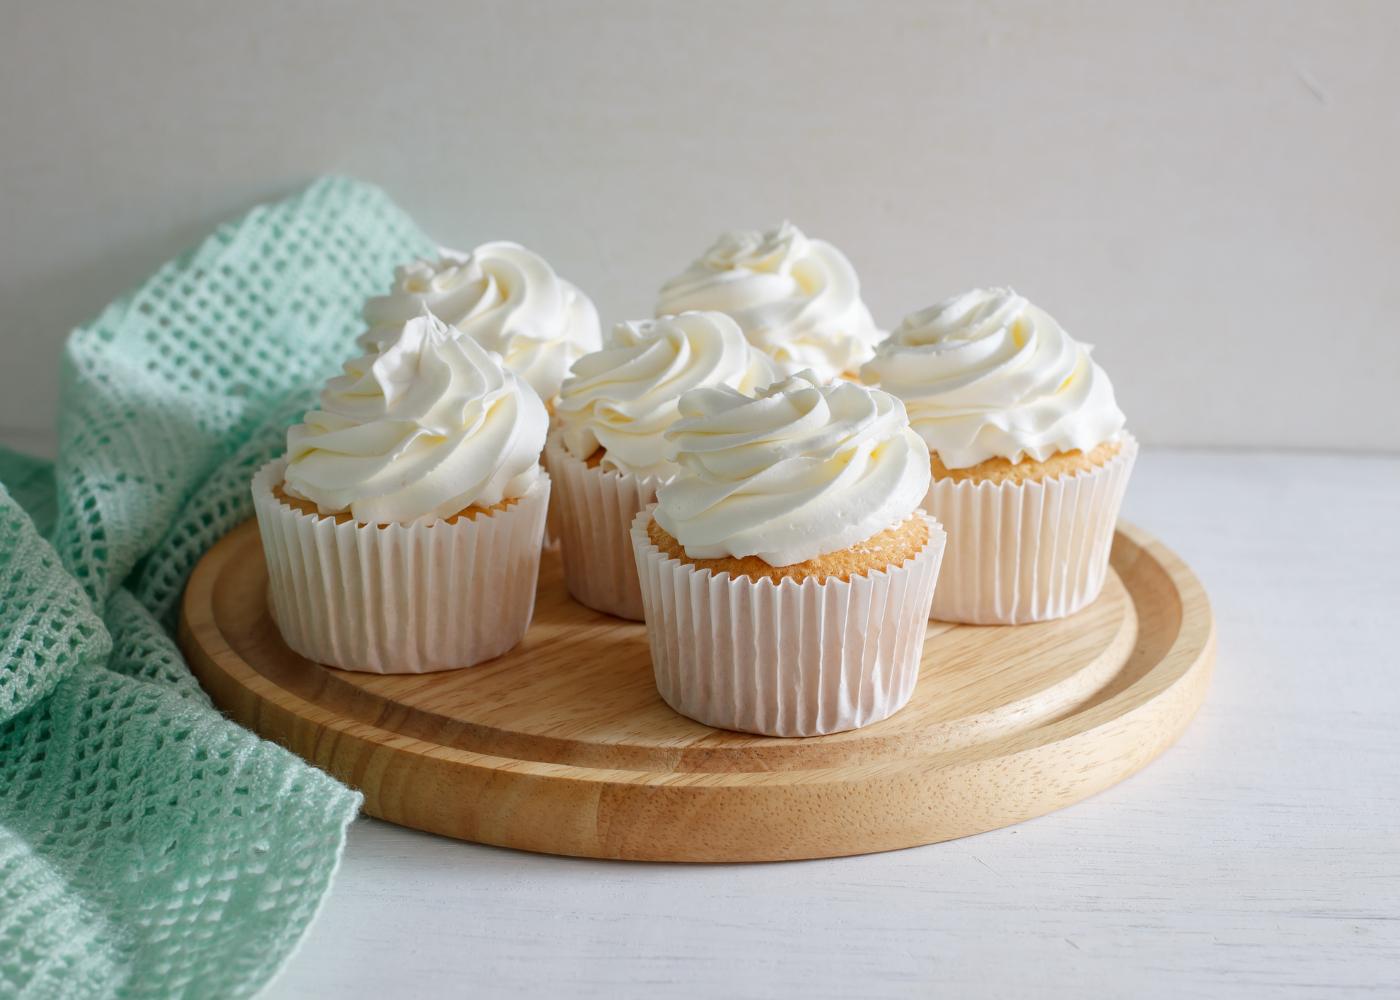 aprenda a fazer cupcakes com estas 6 receitas